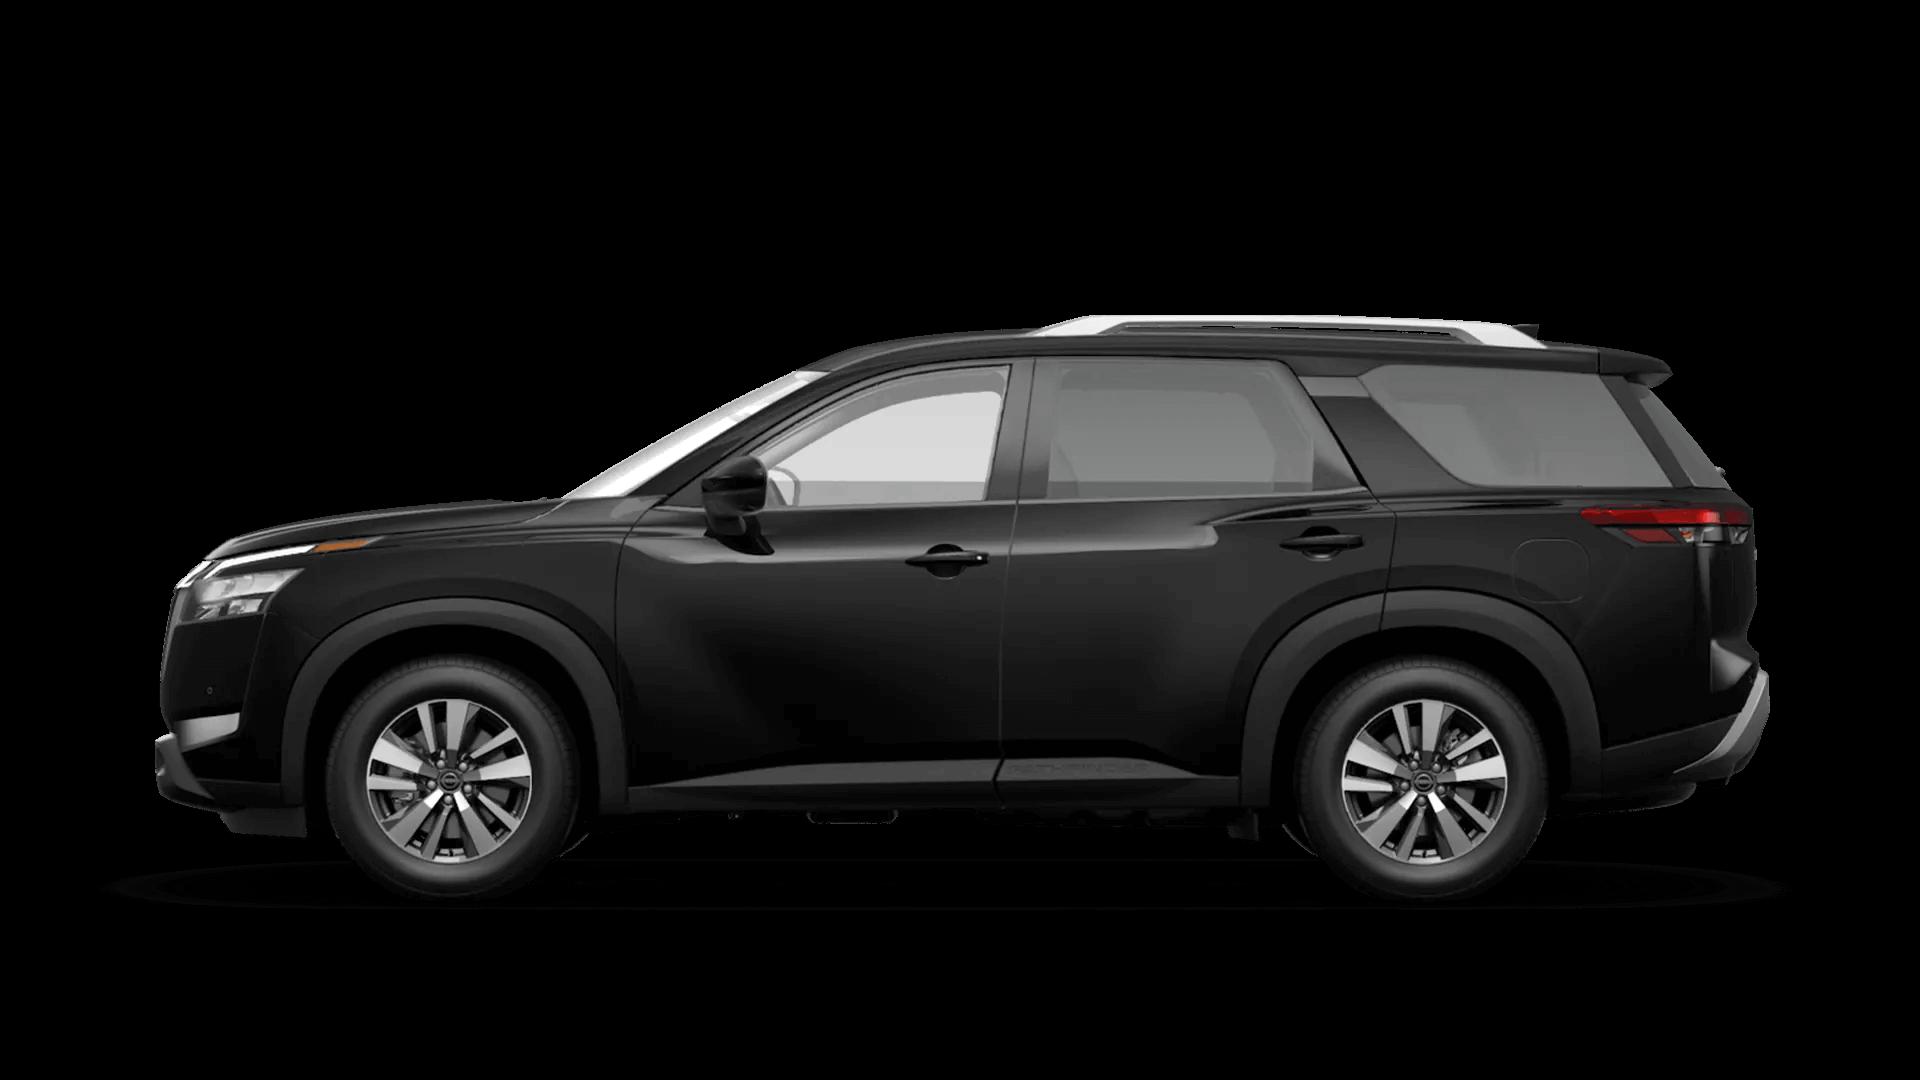 2022 Pathfinder® SL 2WD in Super Black